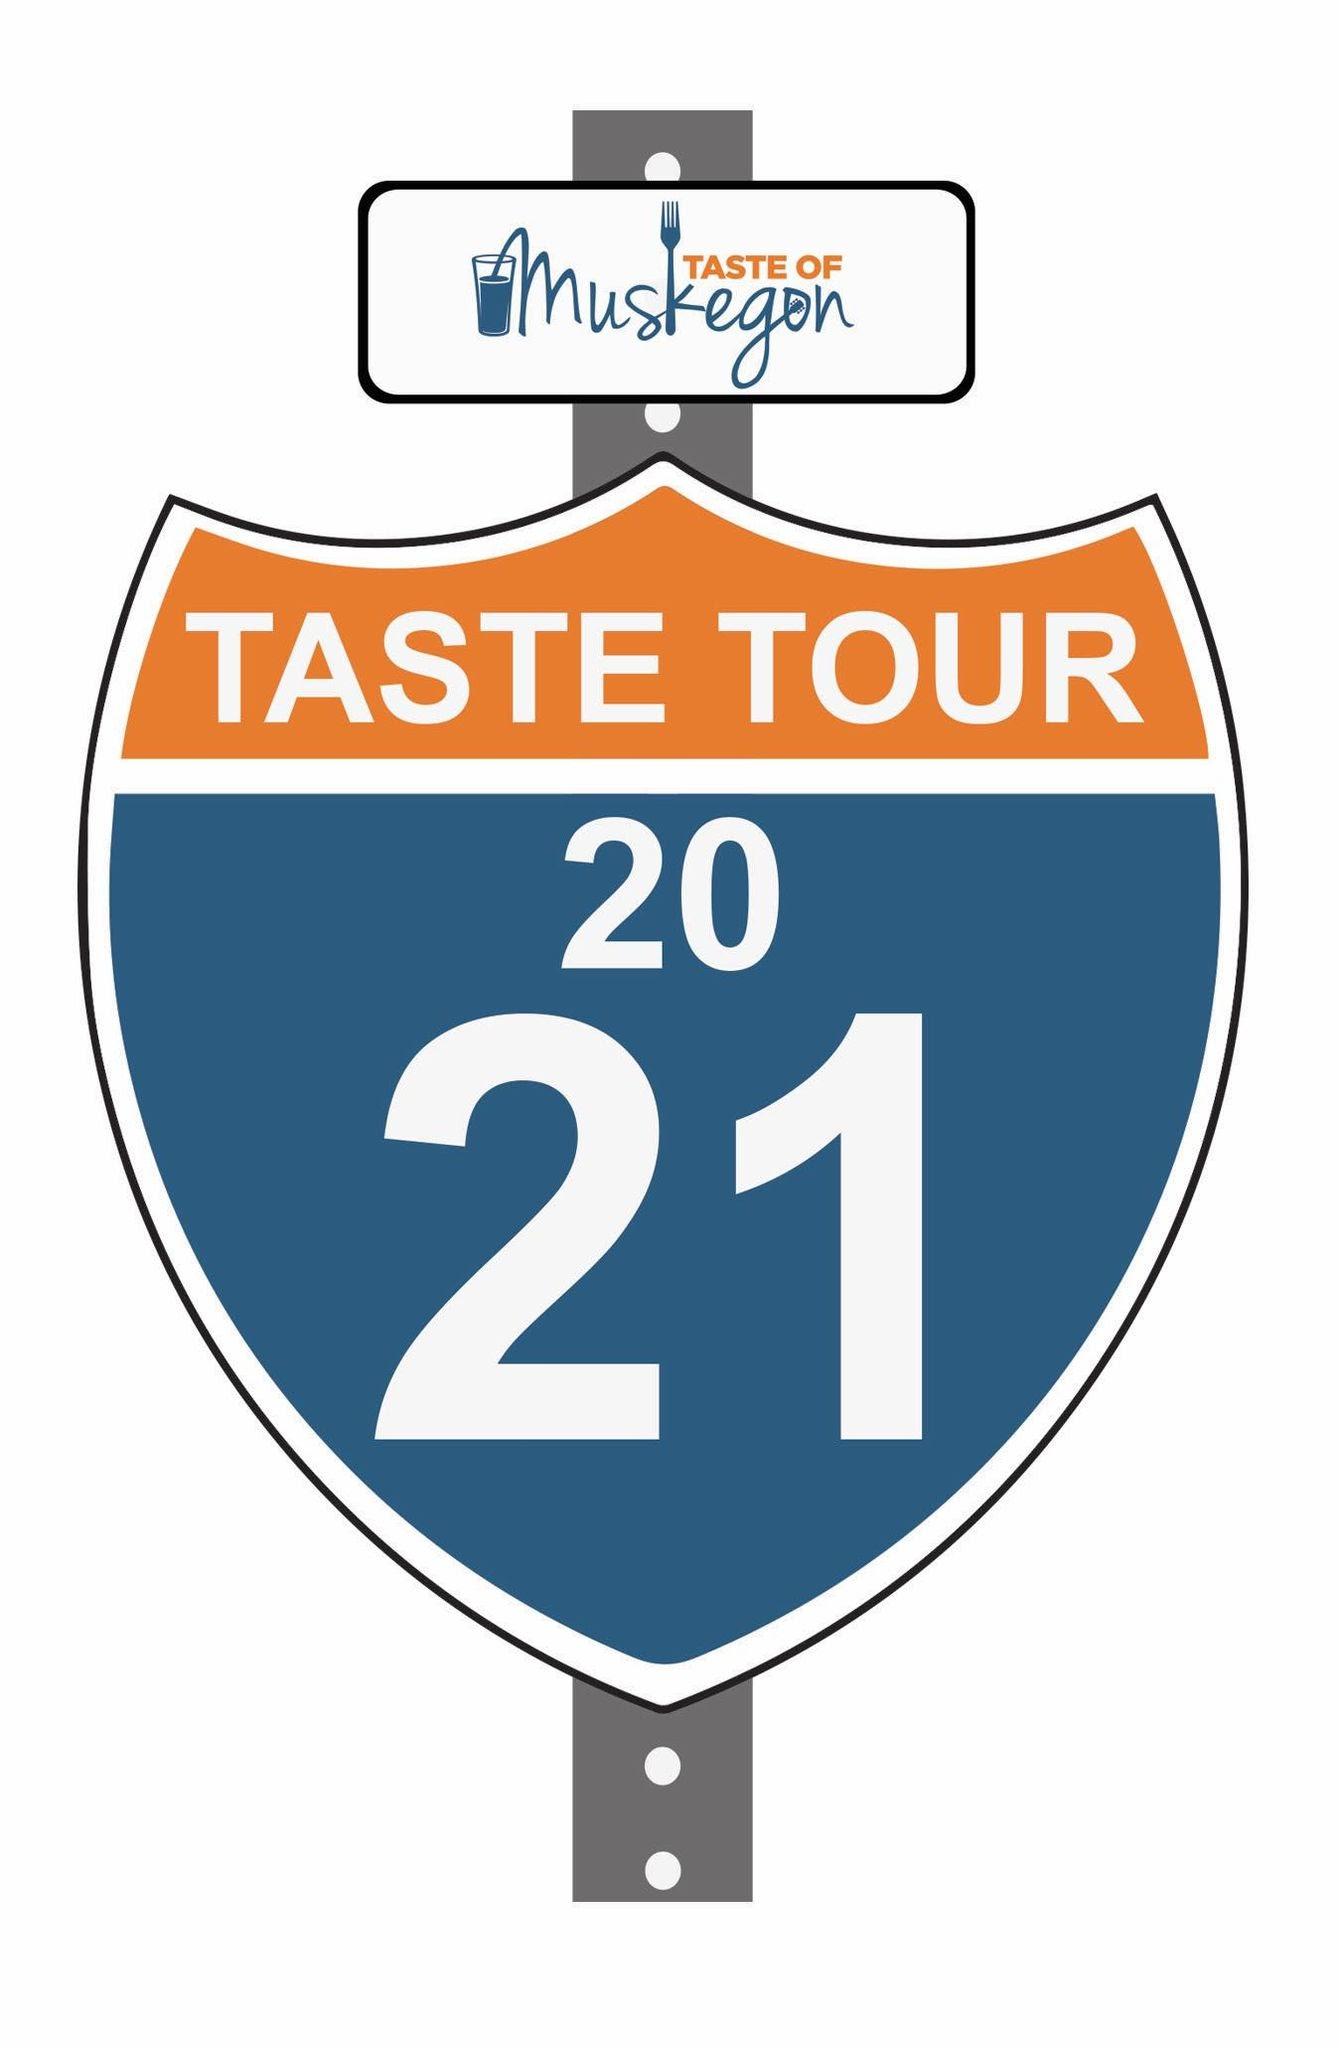 tastetour